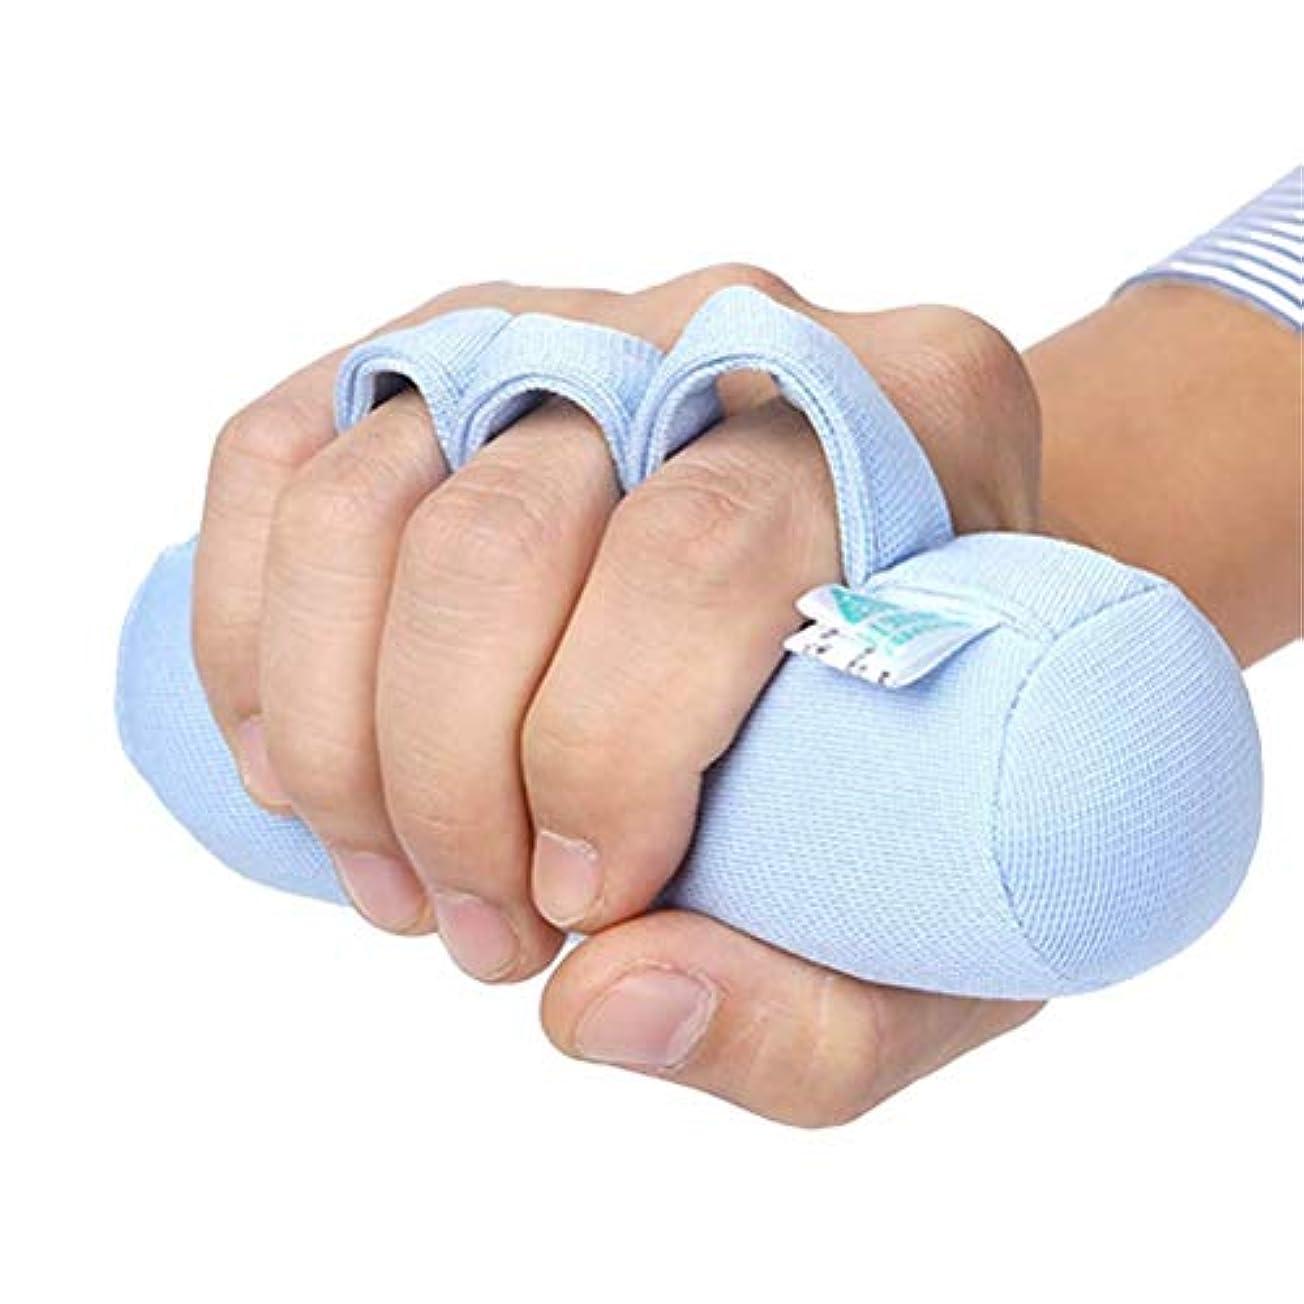 列挙する和らげる休戦左右の手に適した指セパレーター手拘縮装具、高齢者のスポーツ指のリハビリ、ベッドに乗った患者抗褥瘡ケアパッド、